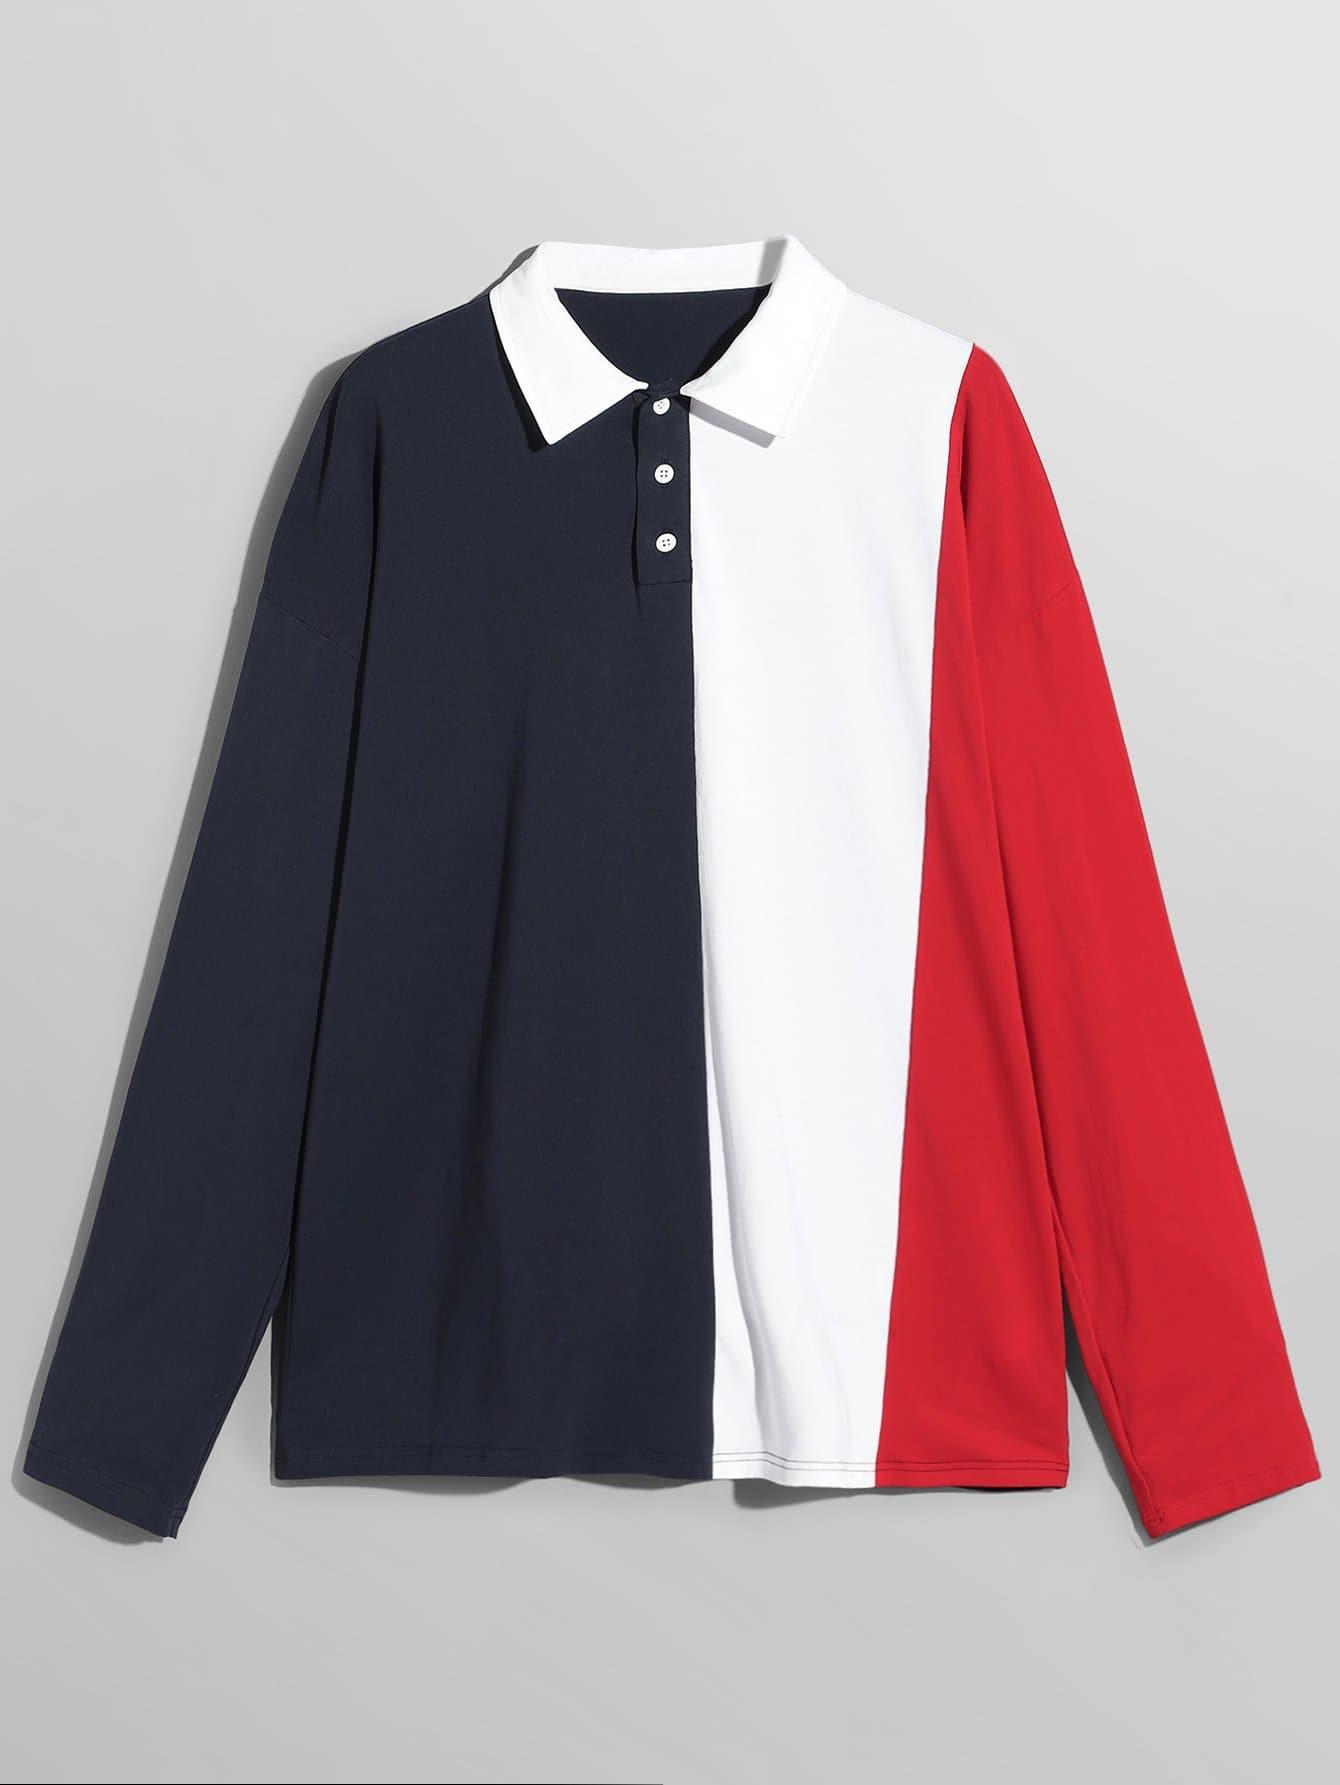 Купить Мужская контрастная поло рубашка на пуговицах, null, SheIn